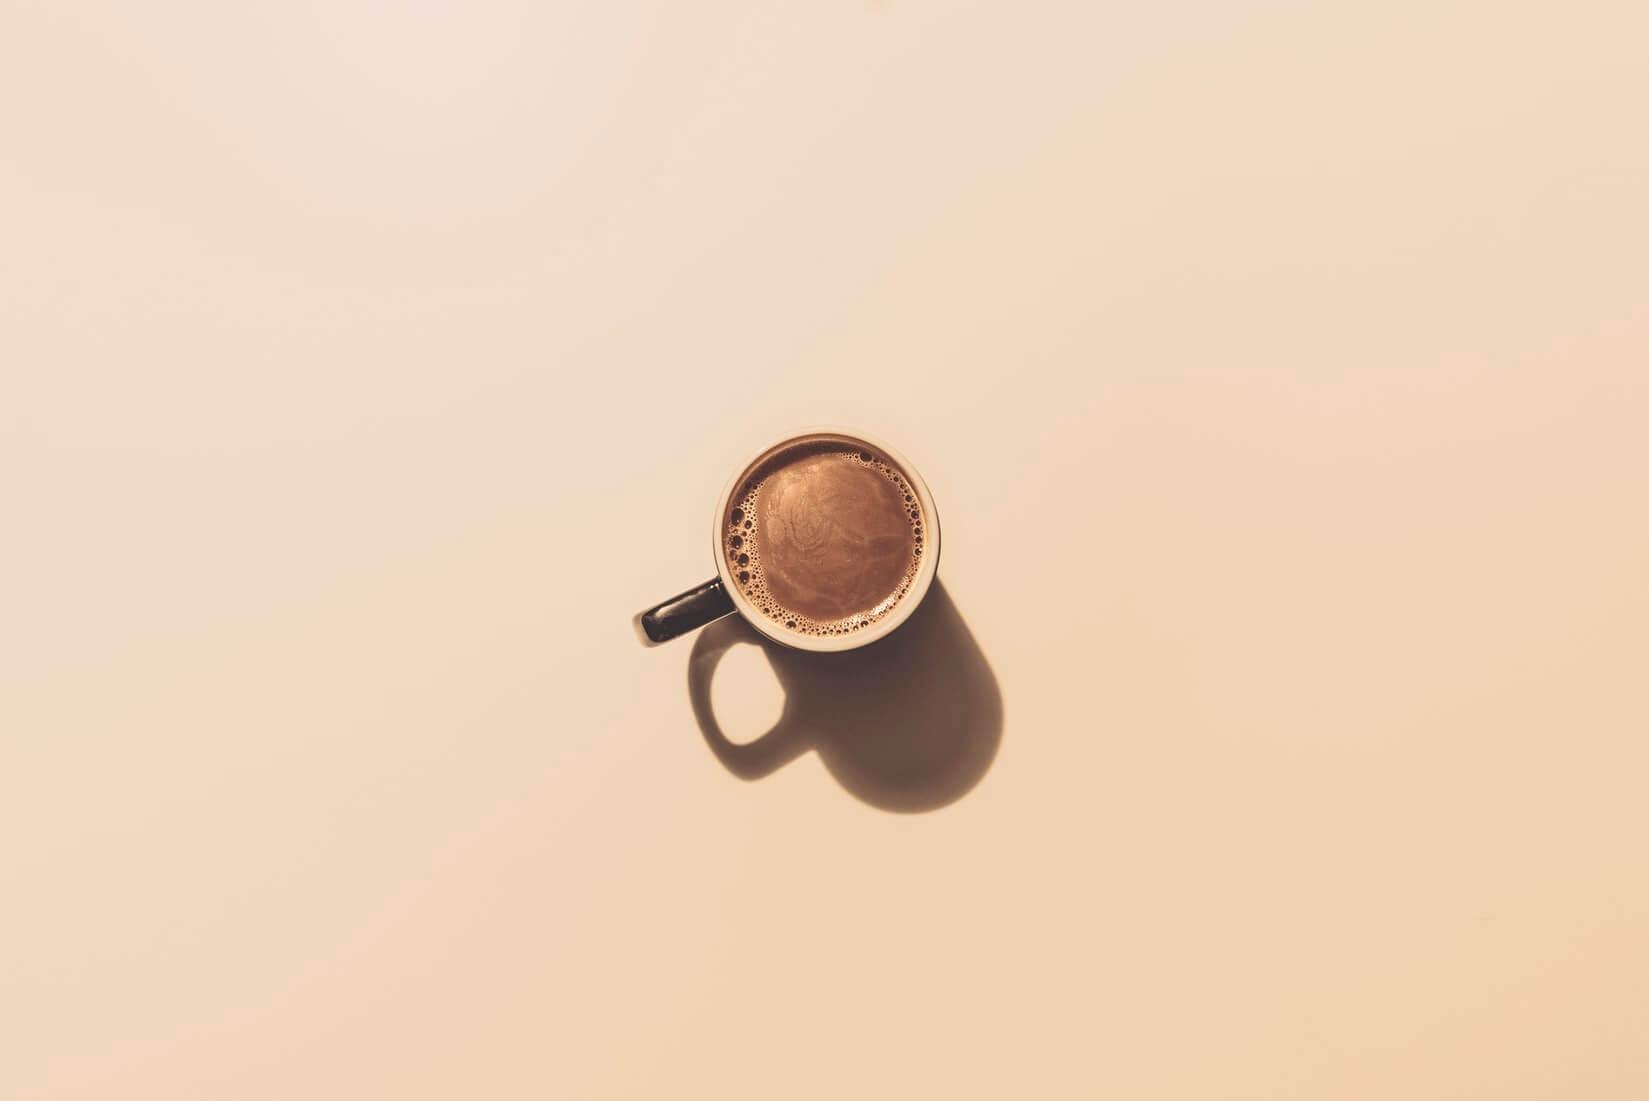 Кофемашина дома: считаем выгоду